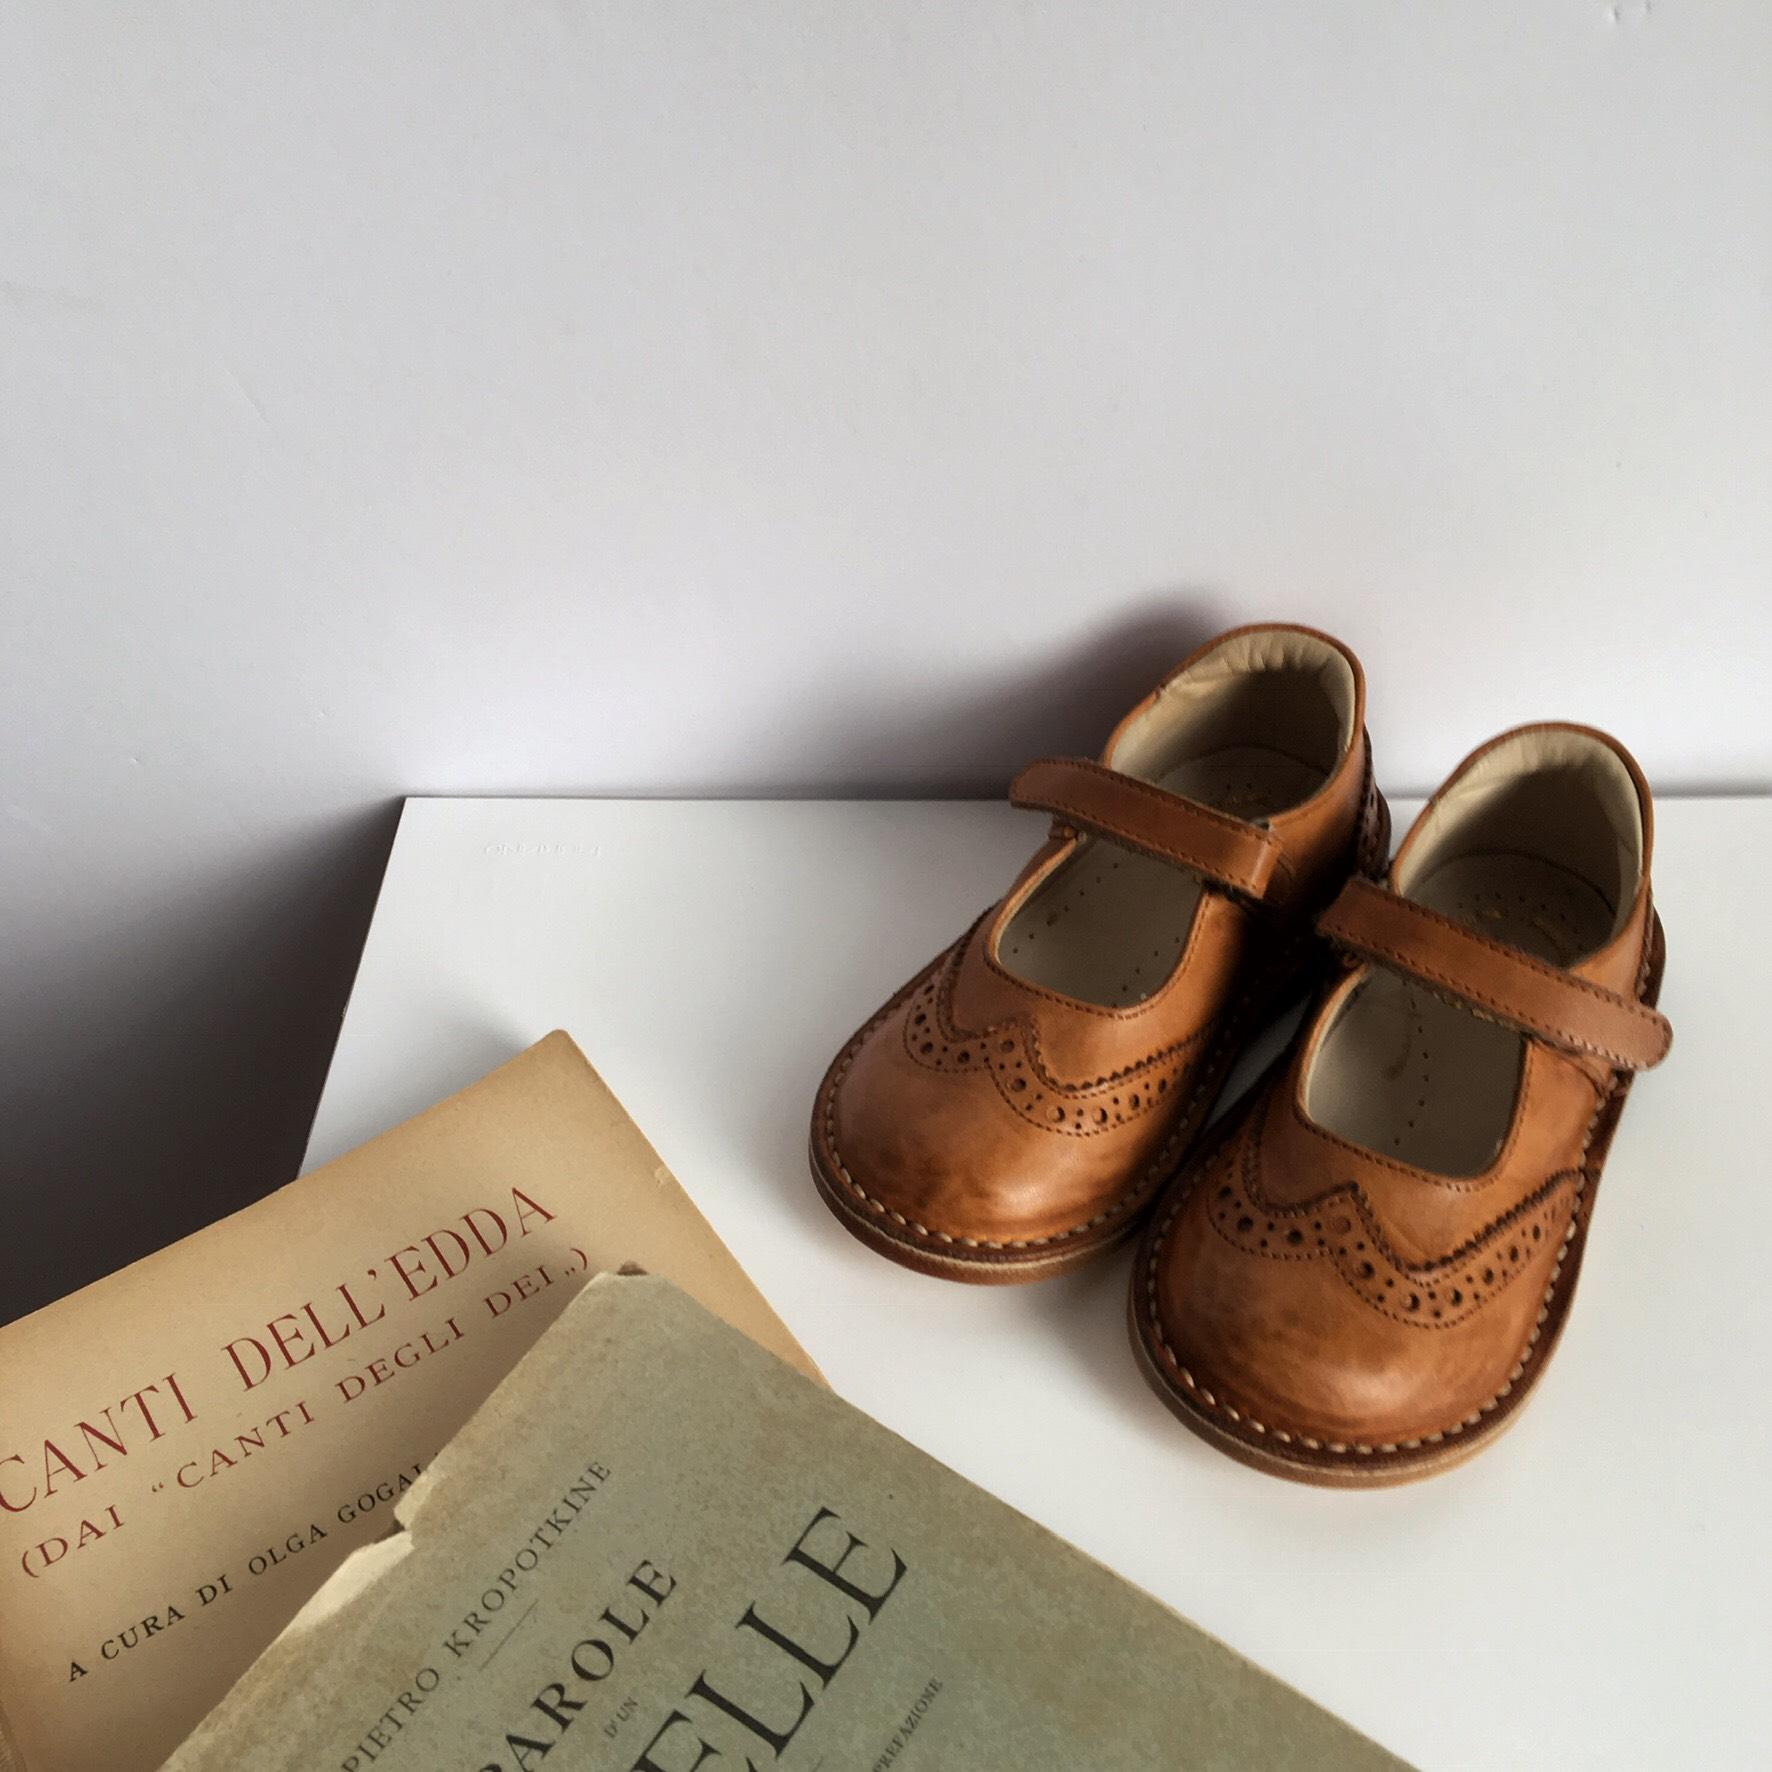 机の上にイタリア語の本と並べられたさんが販売する革靴